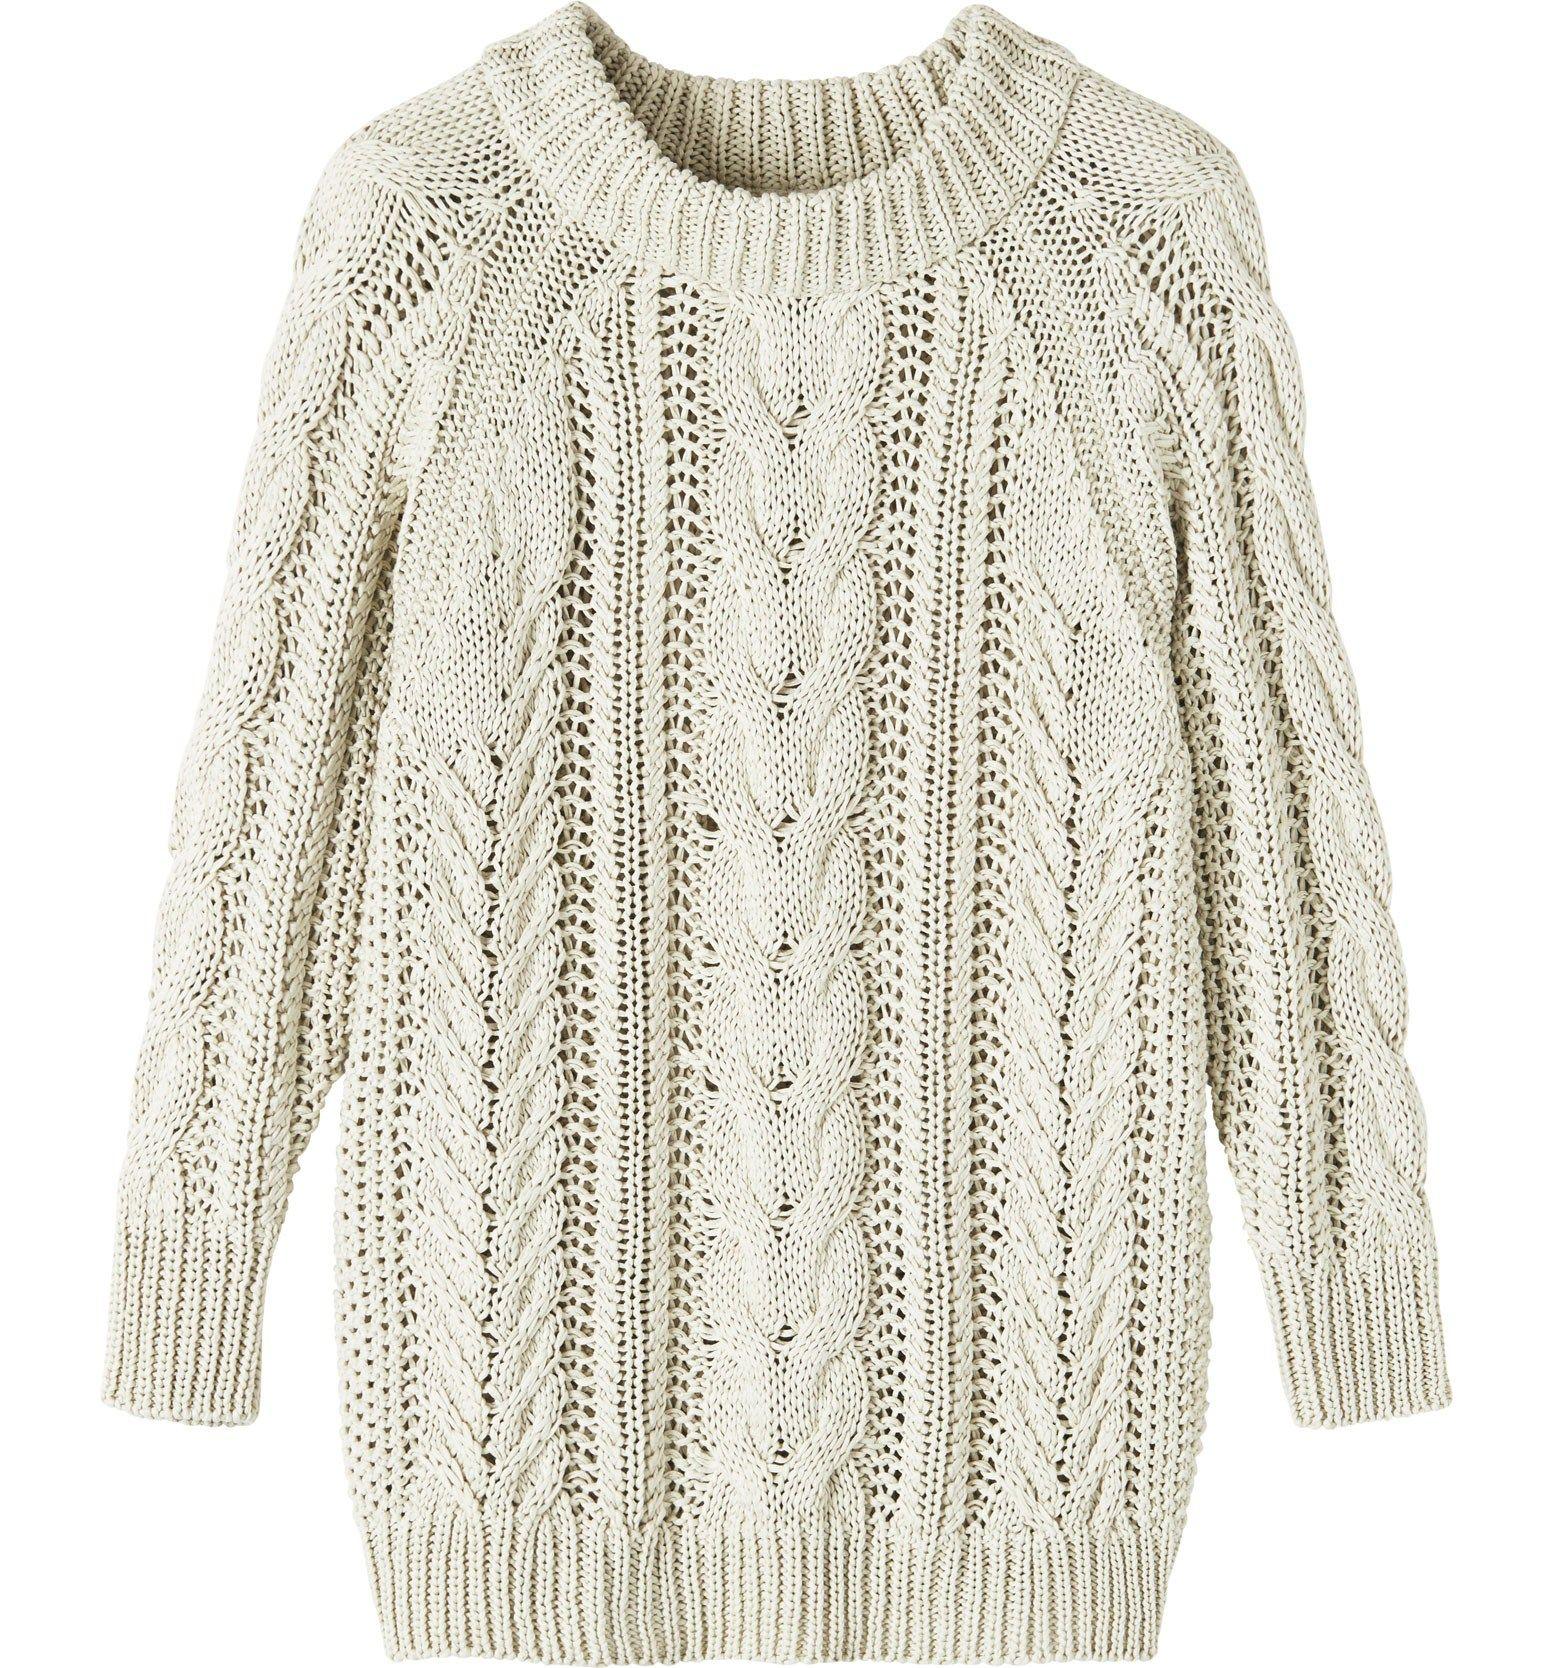 Home knitwear wardrobe